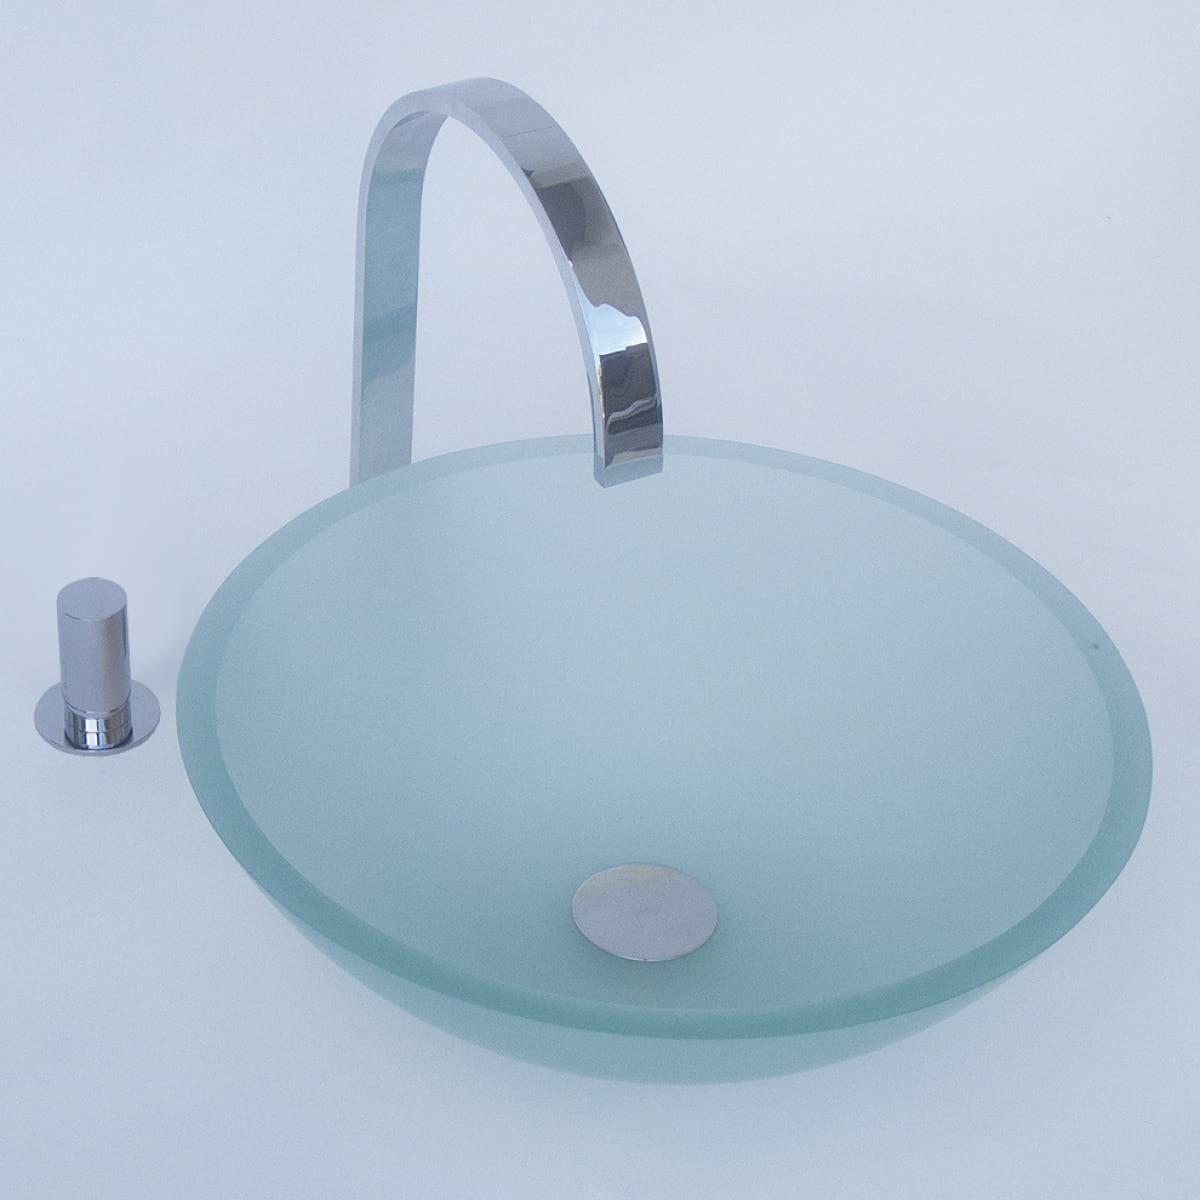 Crystal washbasin with satin glass finish